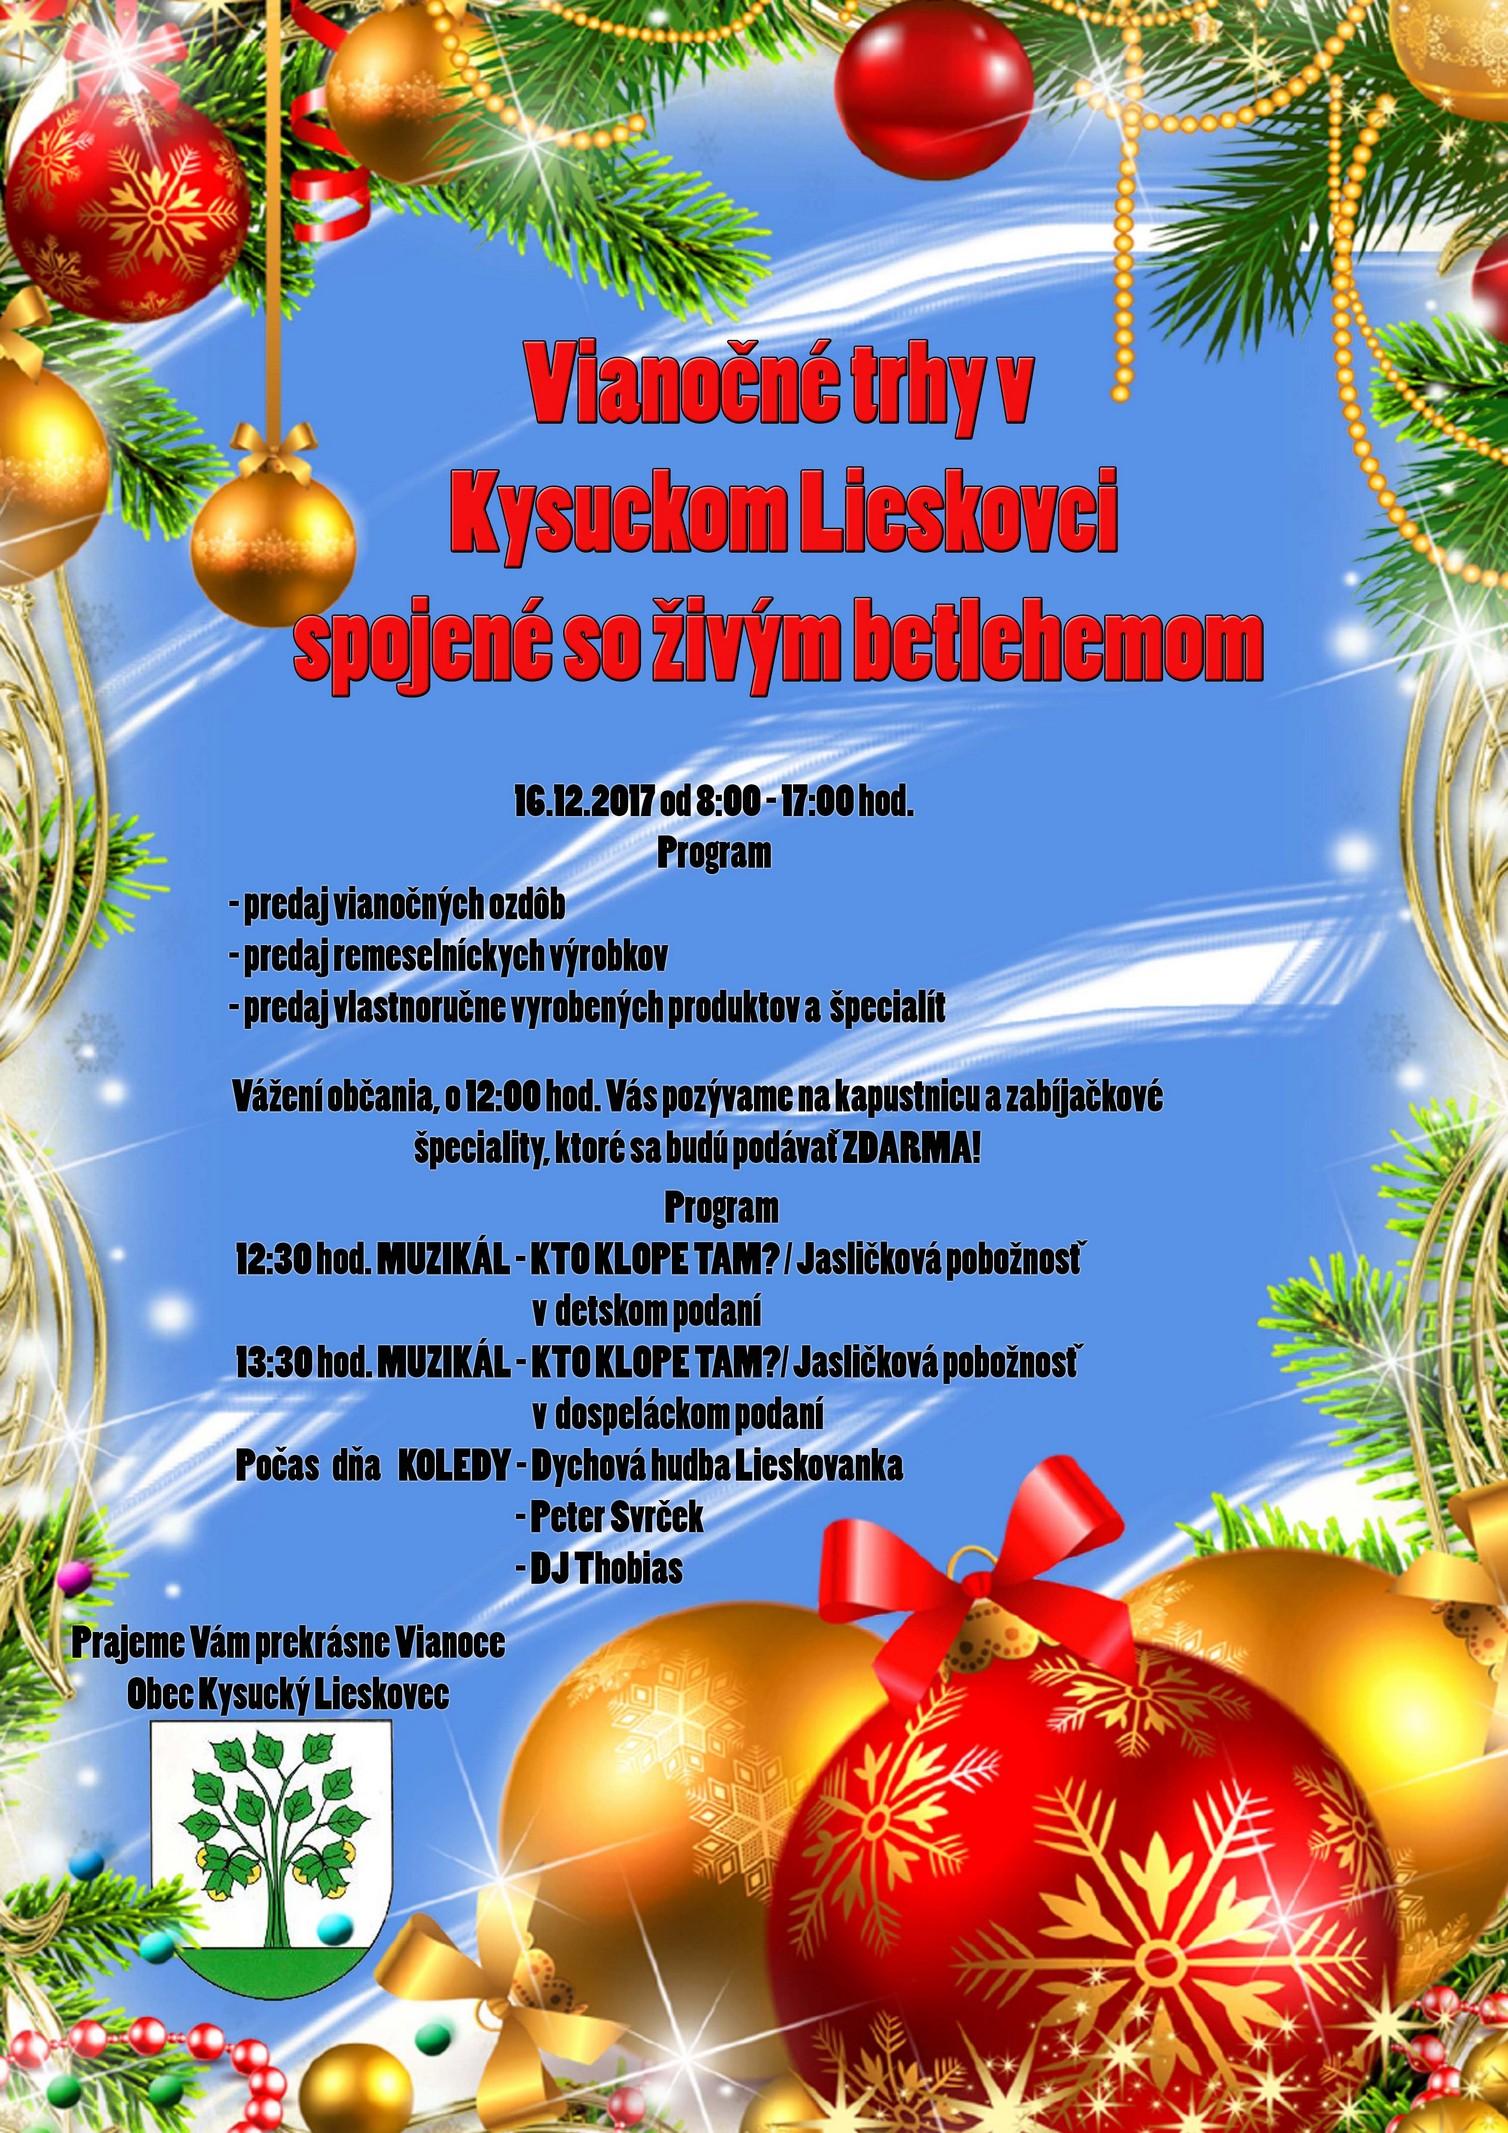 Vianočné trhy spojene so živým betlehemom v Kysuckom Lieskovci